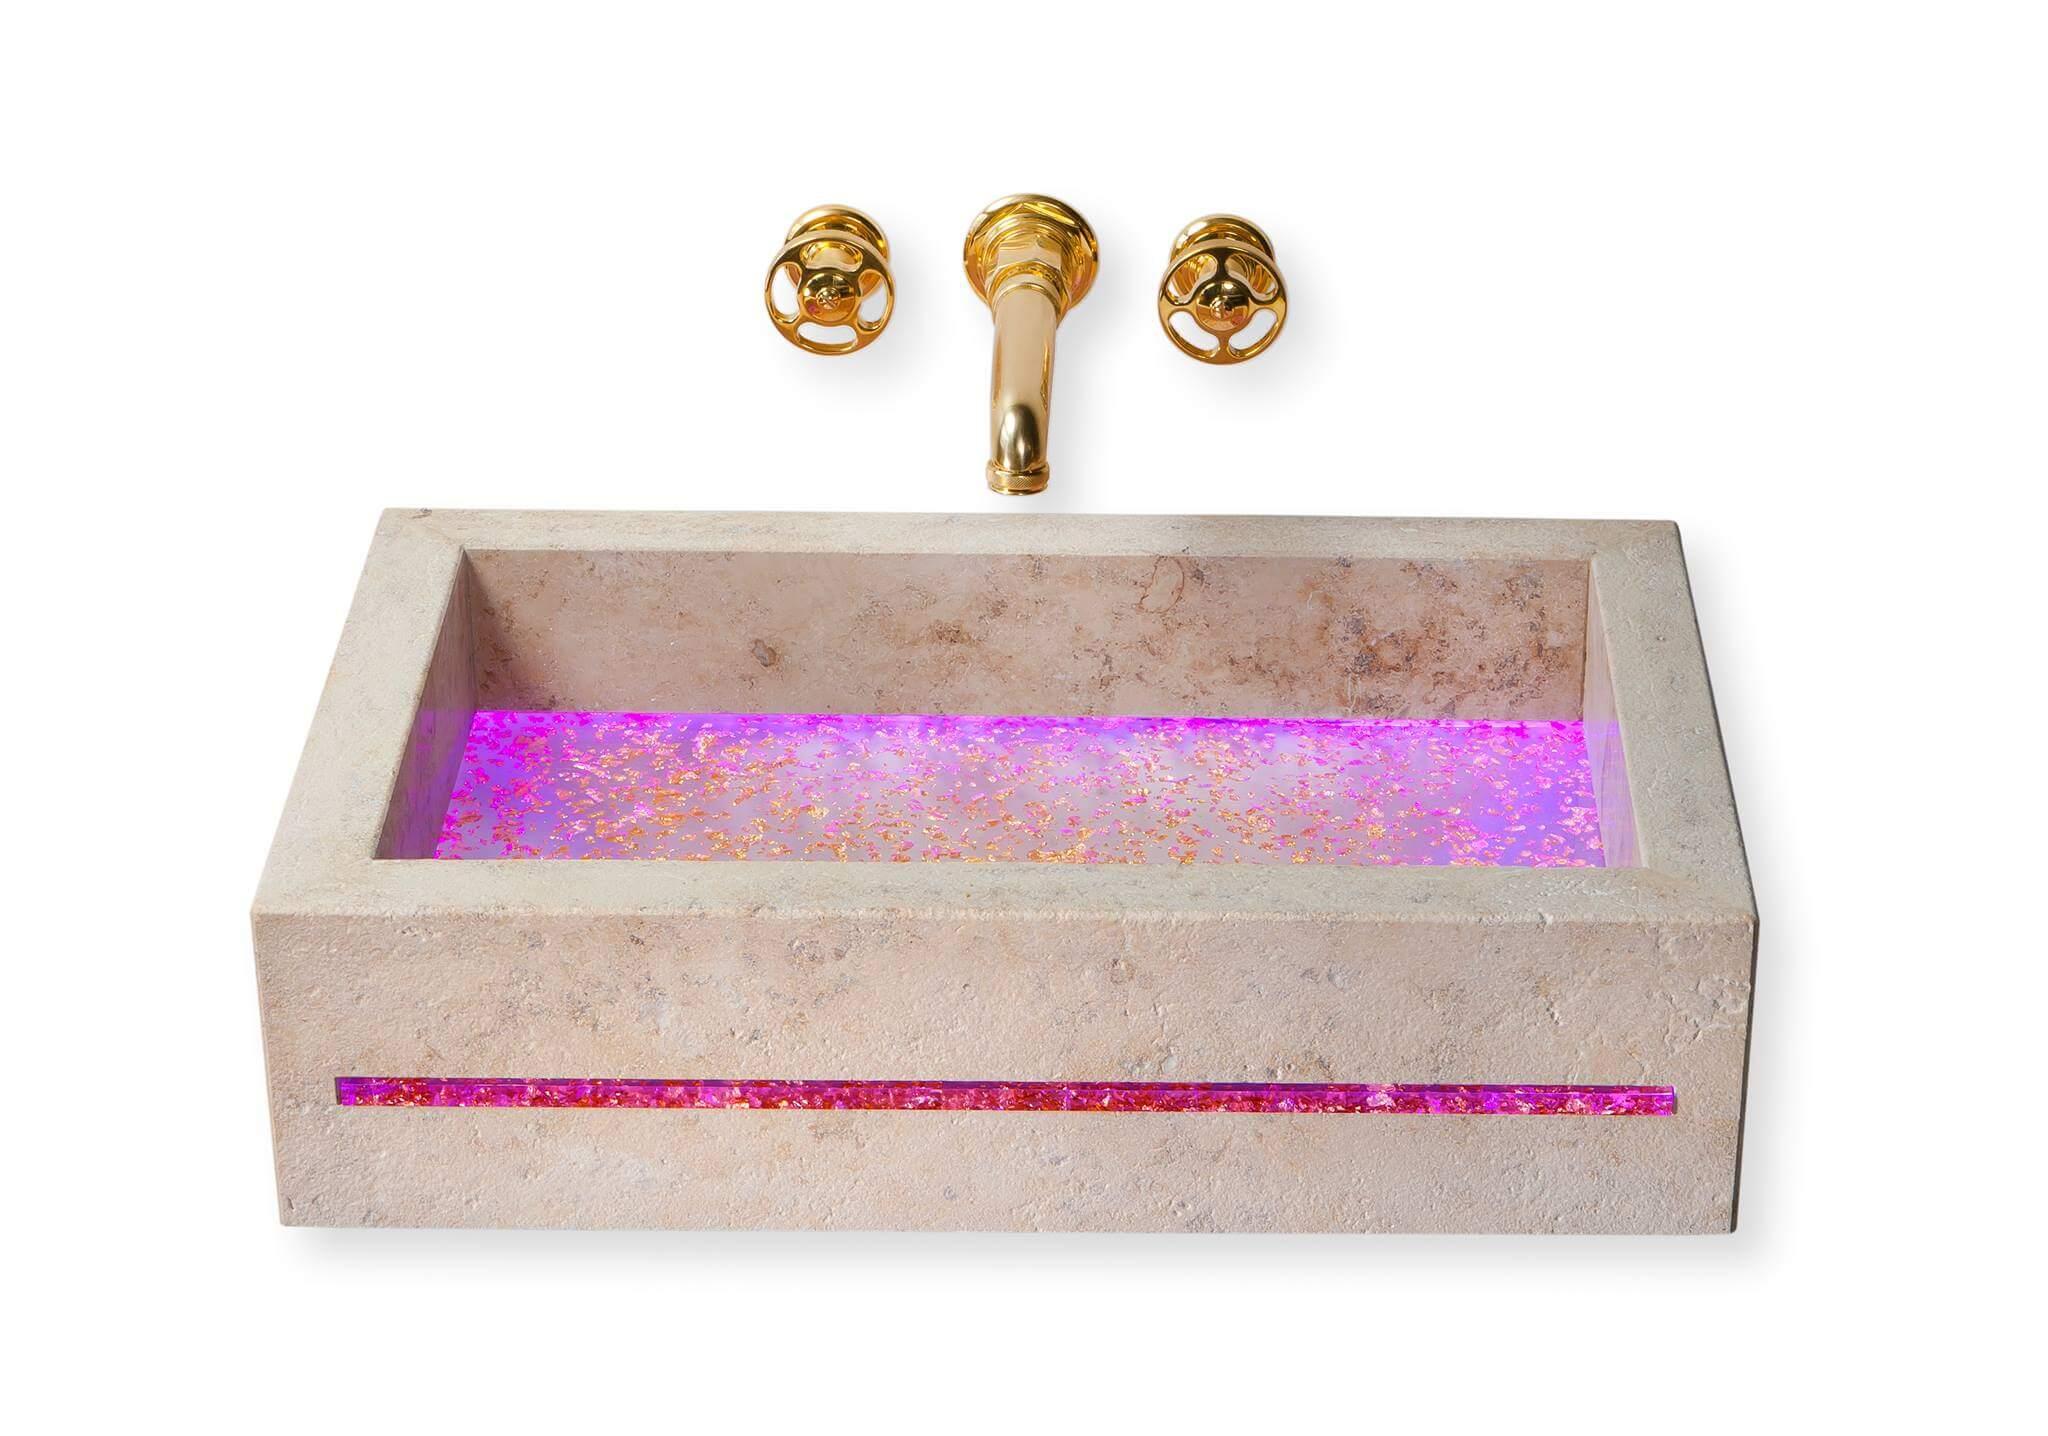 Badezimmer Holz Modern On Mit Waschtisch Aus Unbehandelt